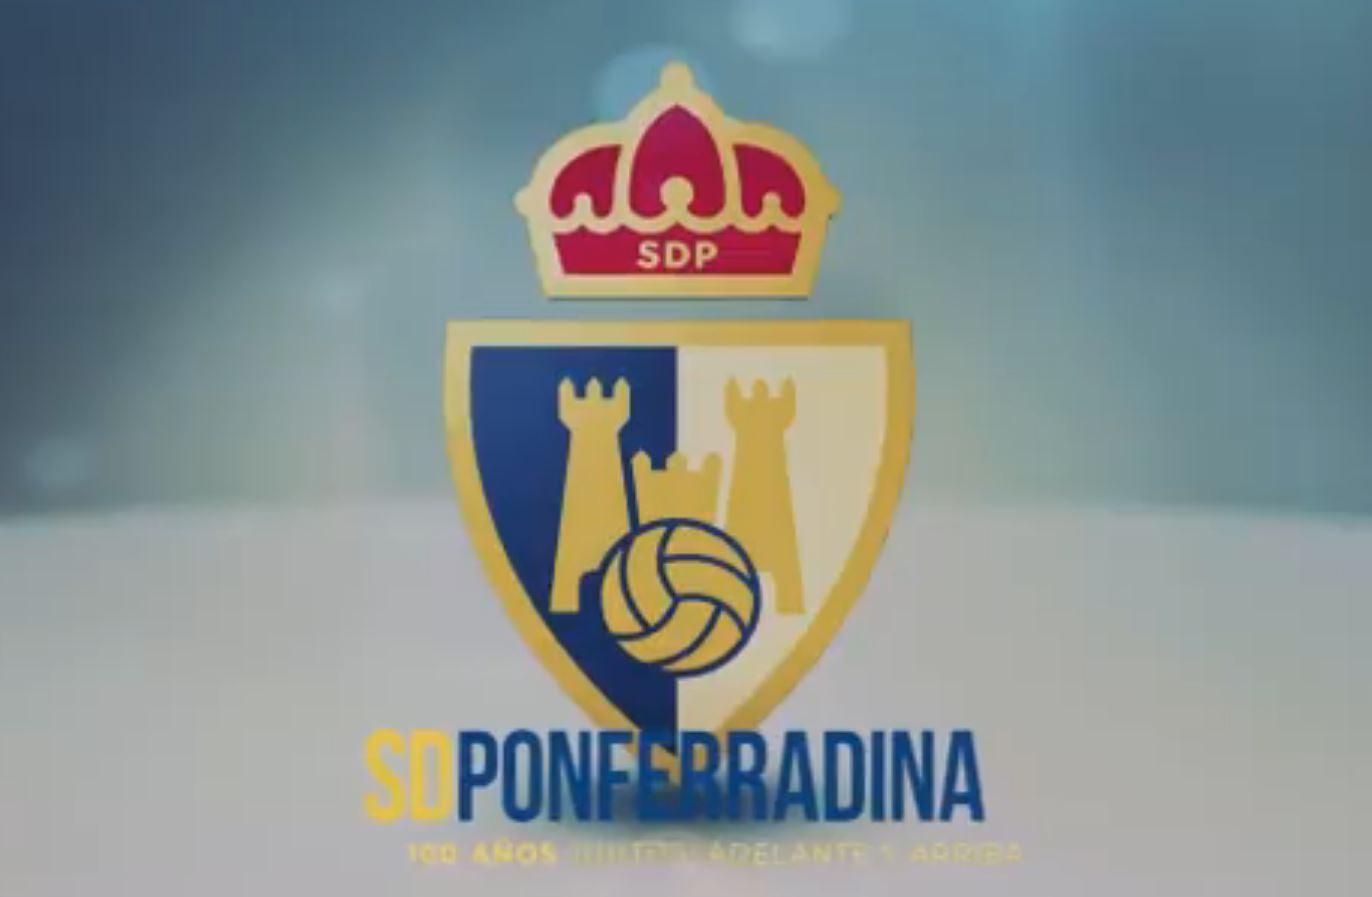 La Ponferradina estrena nuevo escudo para celebrar el centenario 1